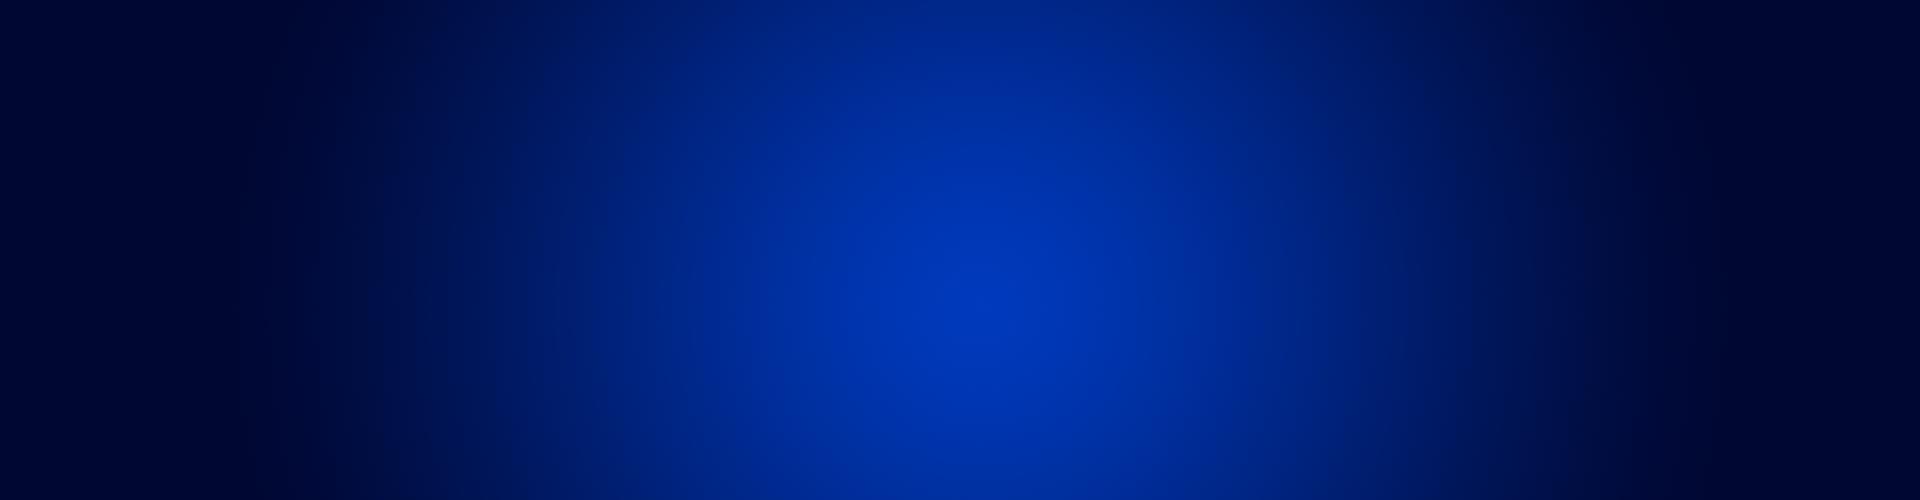 med-blue-center